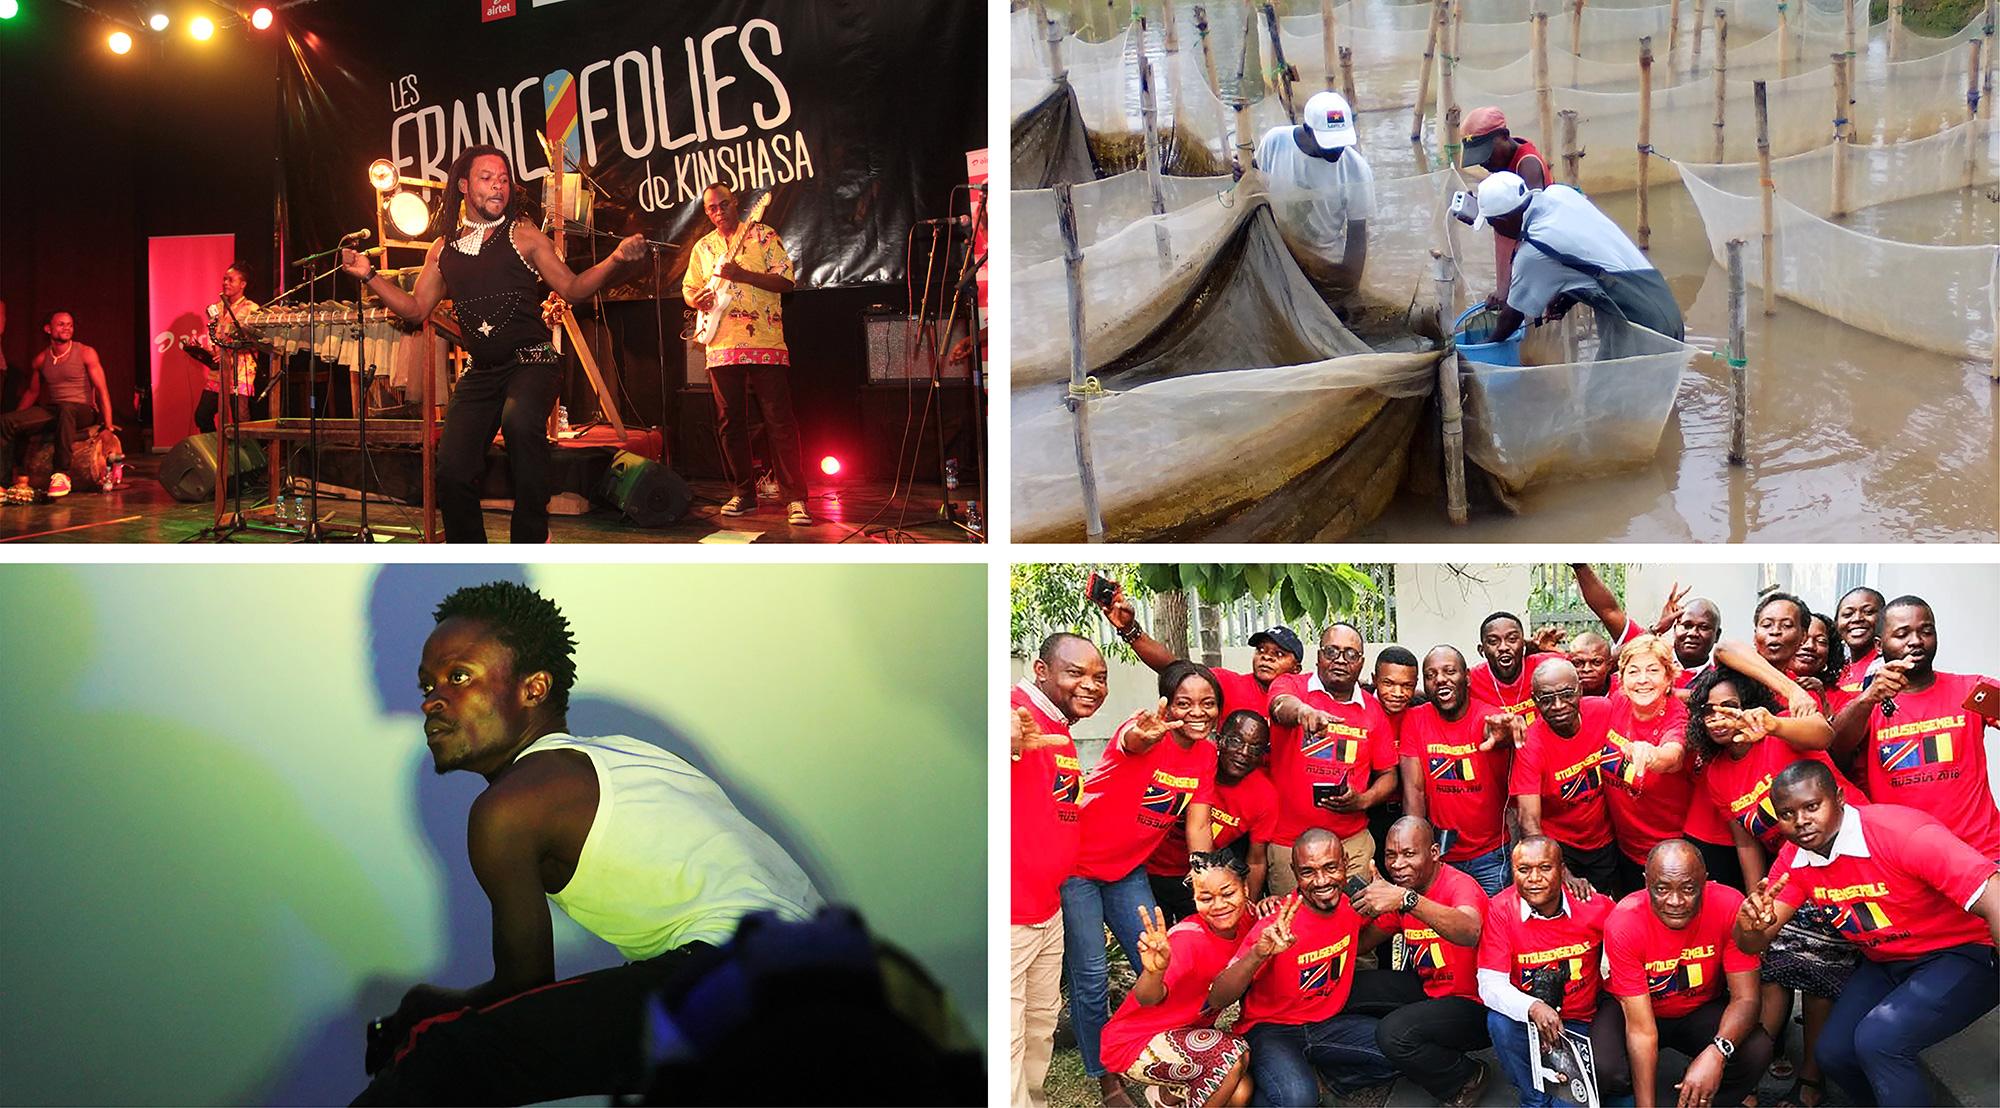 Wallonie-Bruxelles dans le monde - République Démocratique du Congo (RDC)